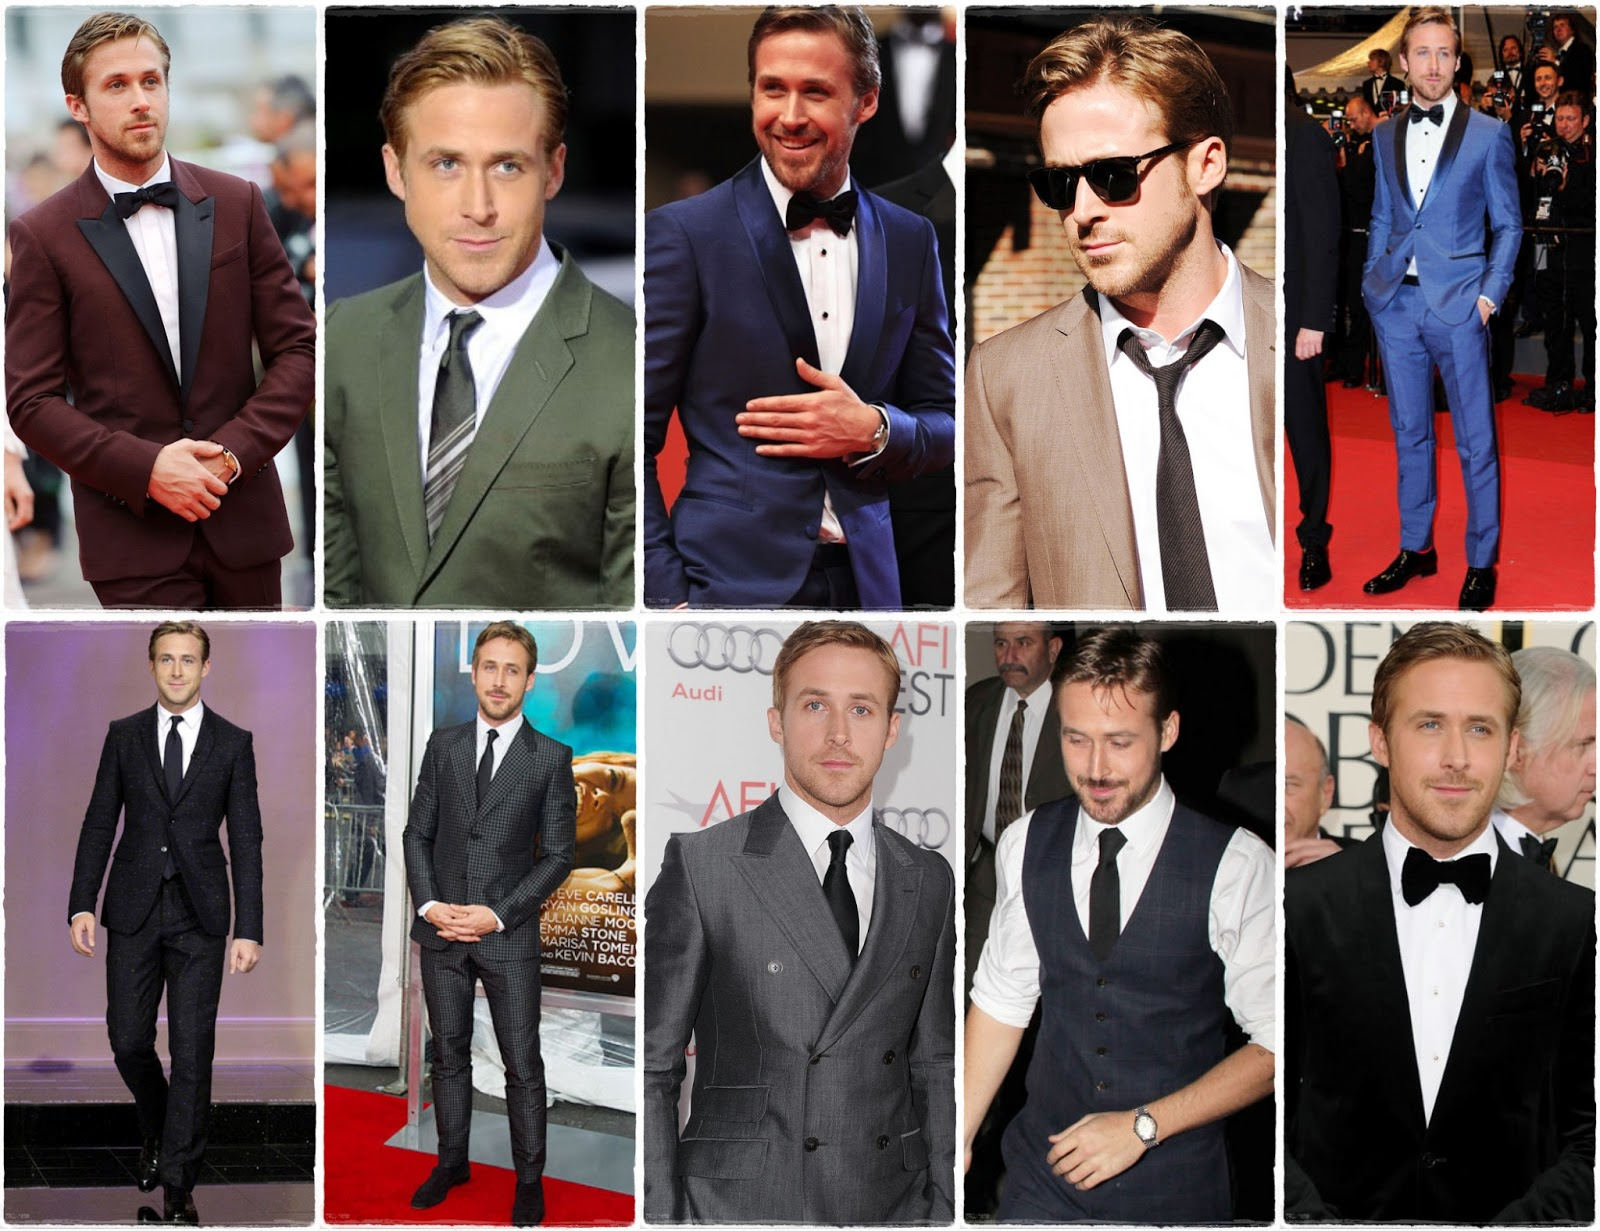 Suit up - Ryan Gosling. Ferragamo y Gucci